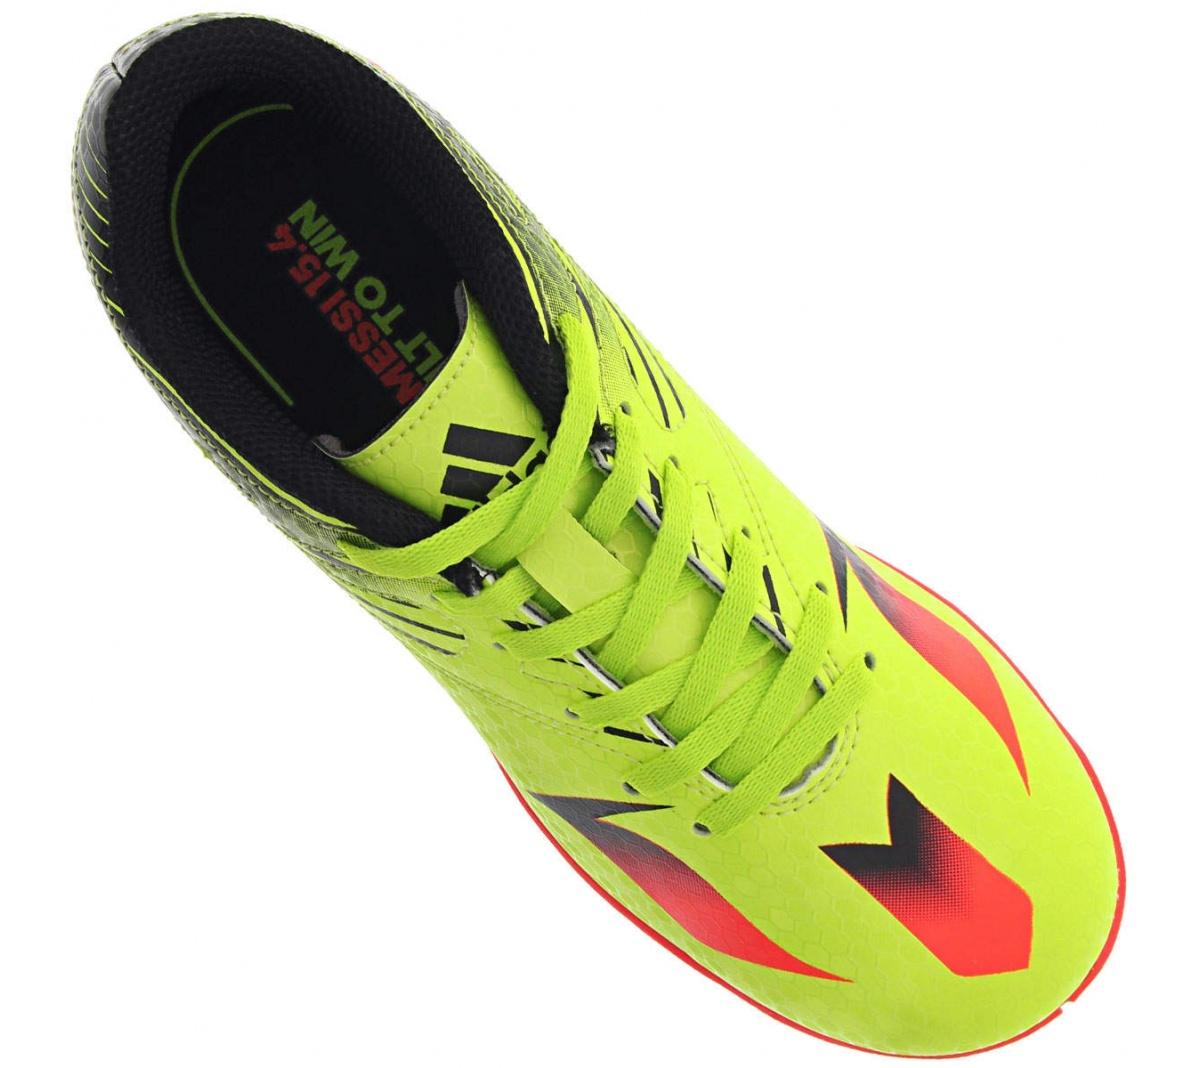 Tênis Adidas Messi 15 Futsal Infantil - Mundo do Futebol e5de5872e104e